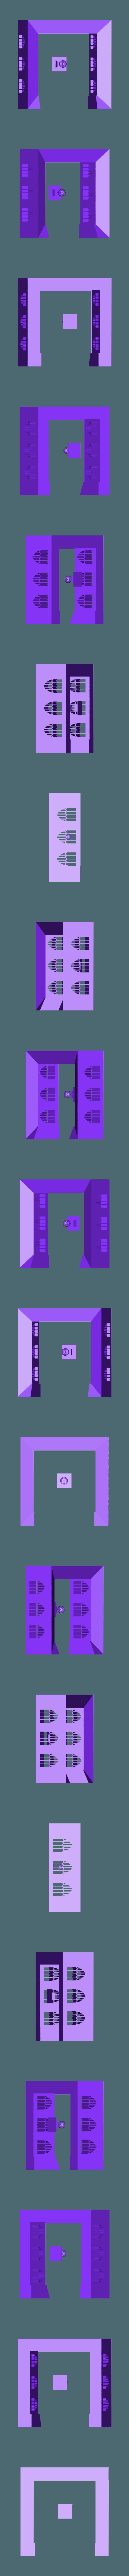 TransfigurationCourtyard.STL Télécharger fichier STL gratuit École Poudlard • Plan imprimable en 3D, Urgnarb